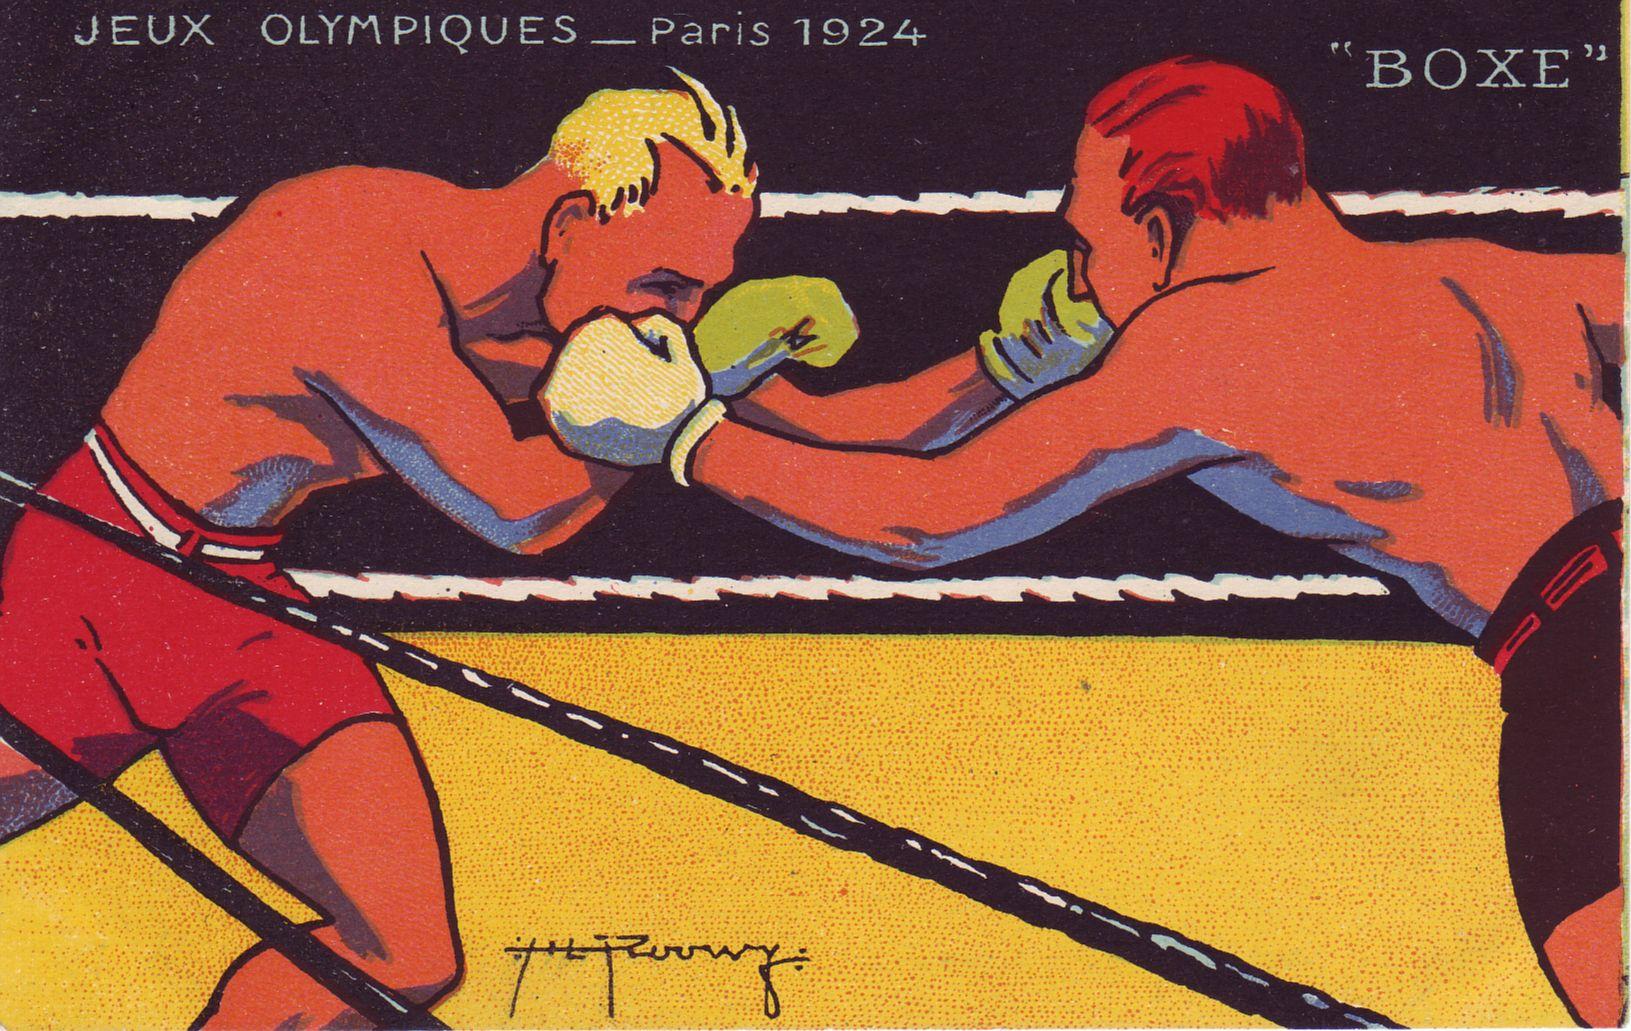 En boxe anglaise les États-Unis dominent les jeux devant les boxeurs britanniques avec 6 médailles . La France n'en remportera qu'une : en bronze.